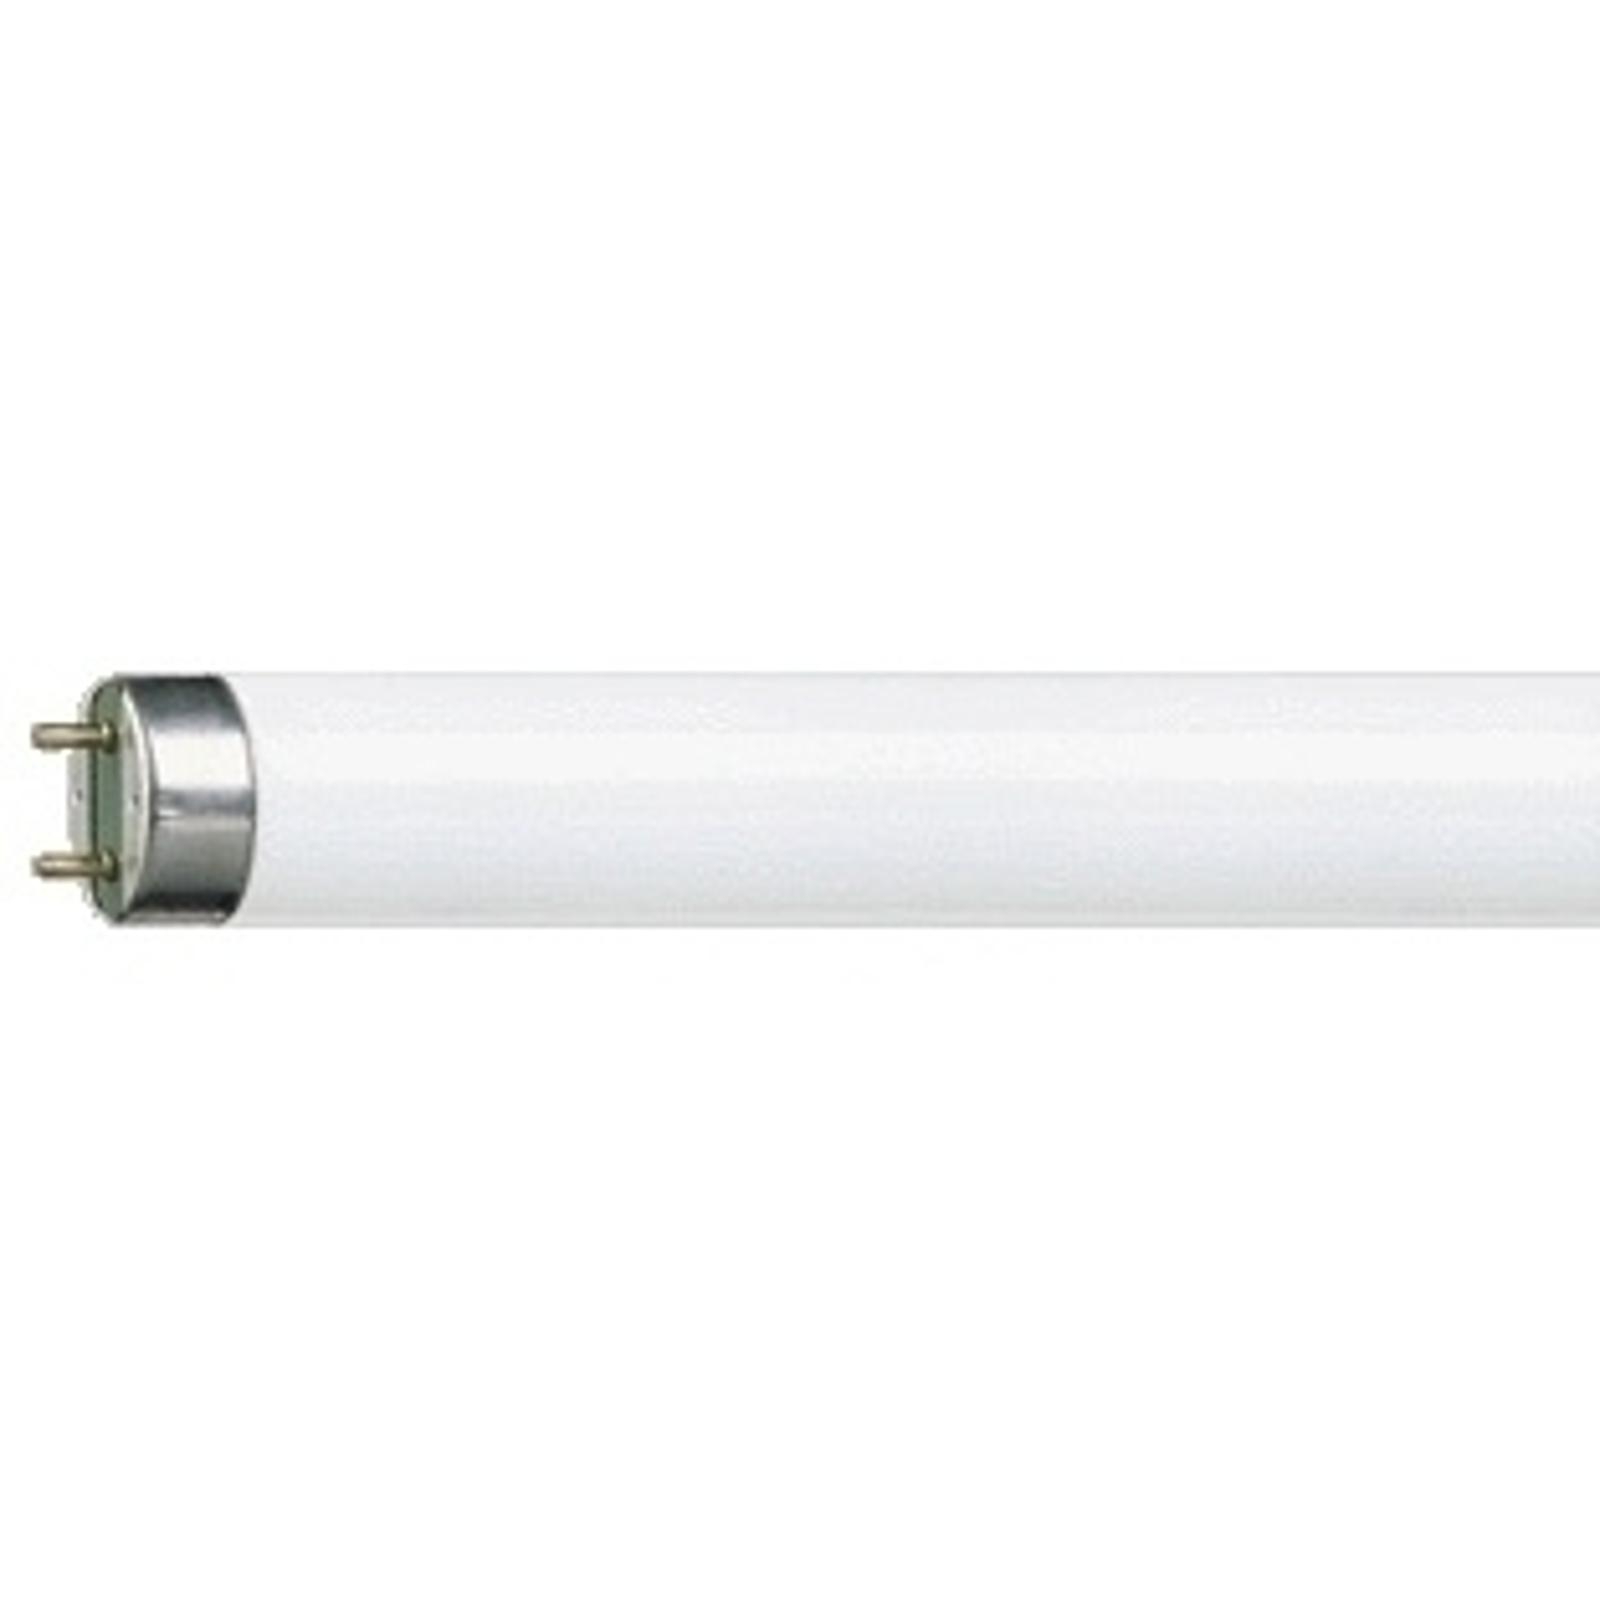 Leuchtstoffröhre G13 T8 38W MASTER TL-D Super 840